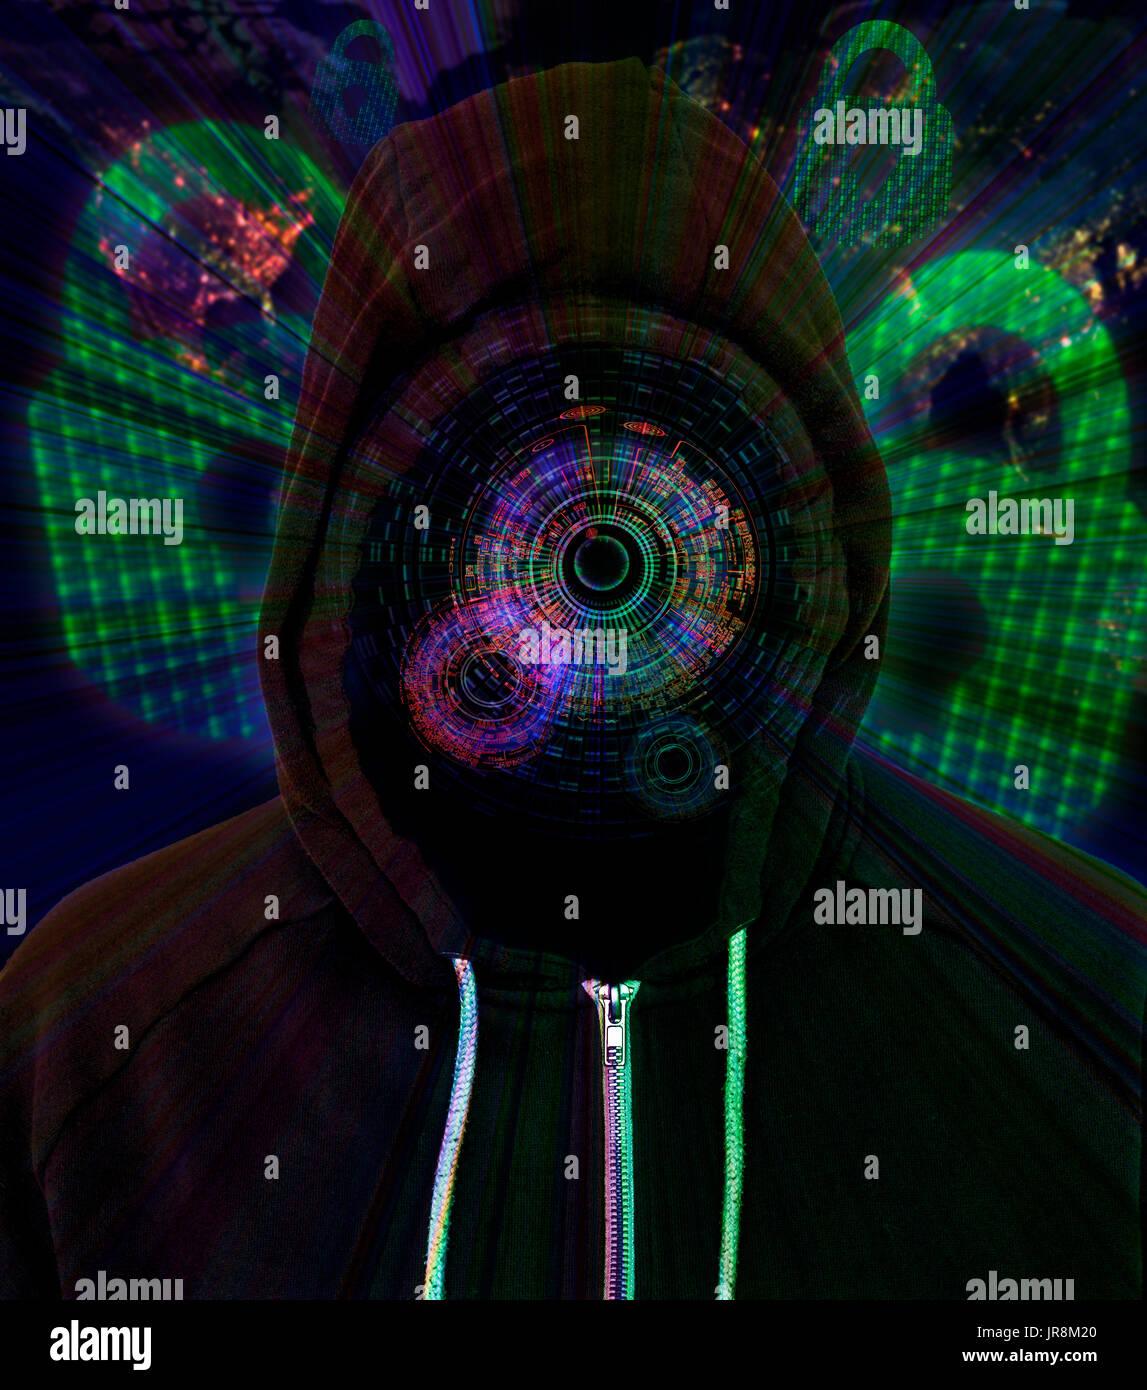 Hacker vistiendo una capucha con un aumento superior negro Pantalla HUD con candados y código binario en el fondo Imagen De Stock